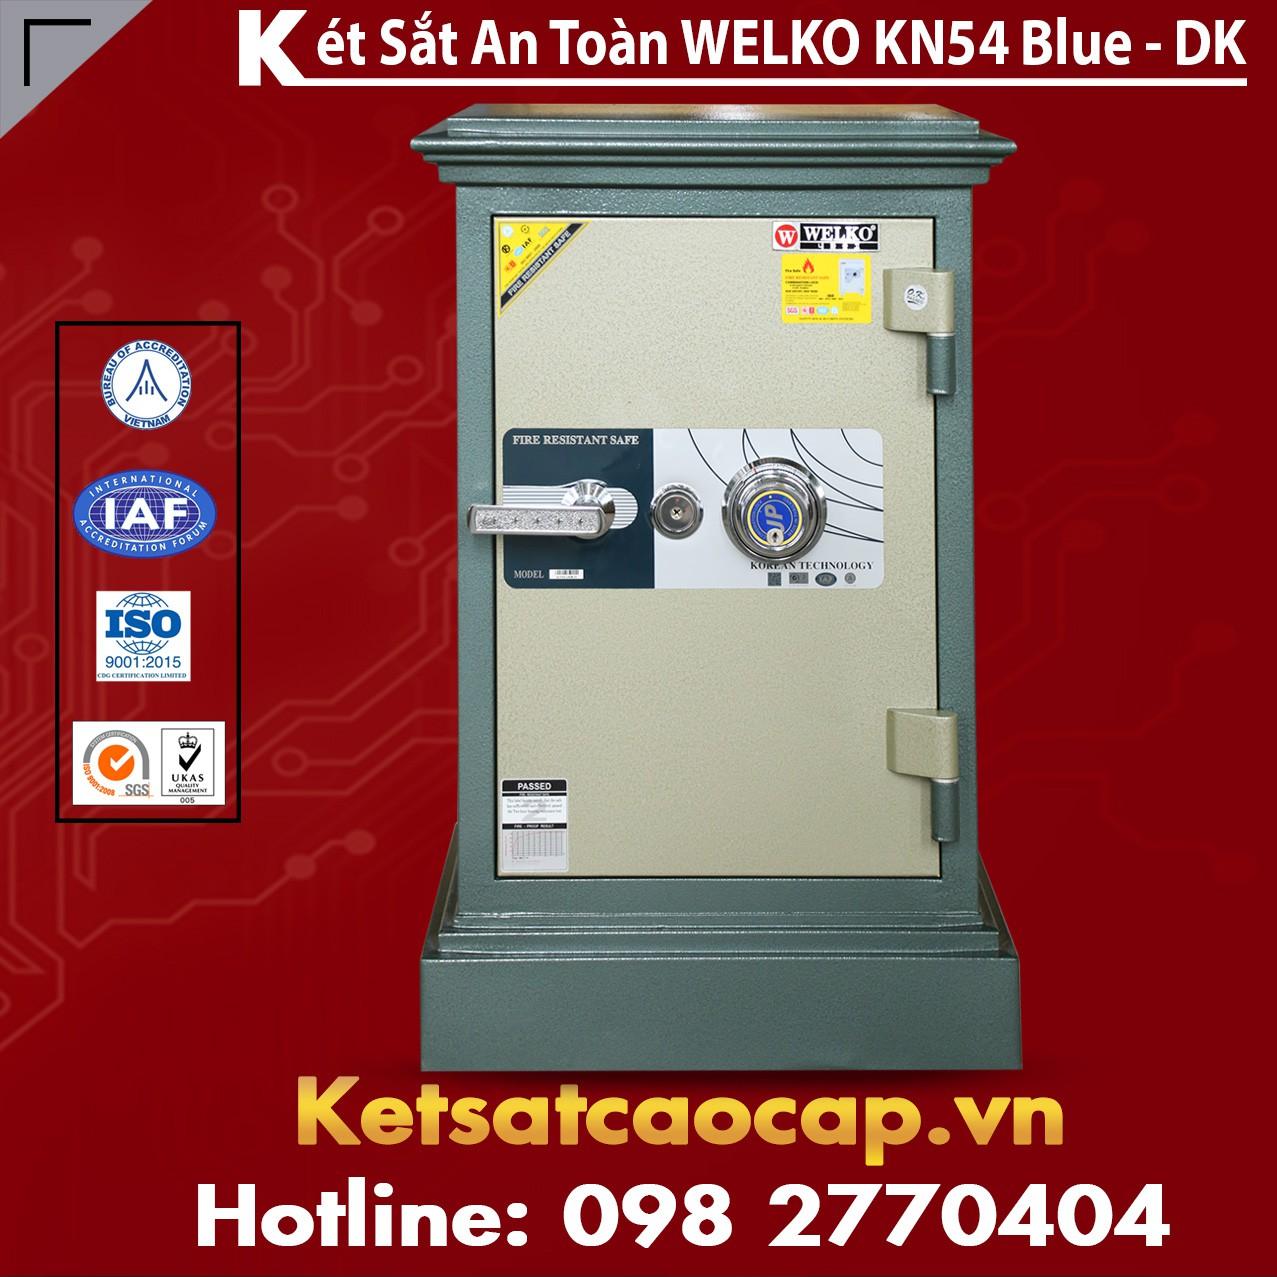 Két Sắt Thanh Hóa WELKO KN54 BLUE - DK